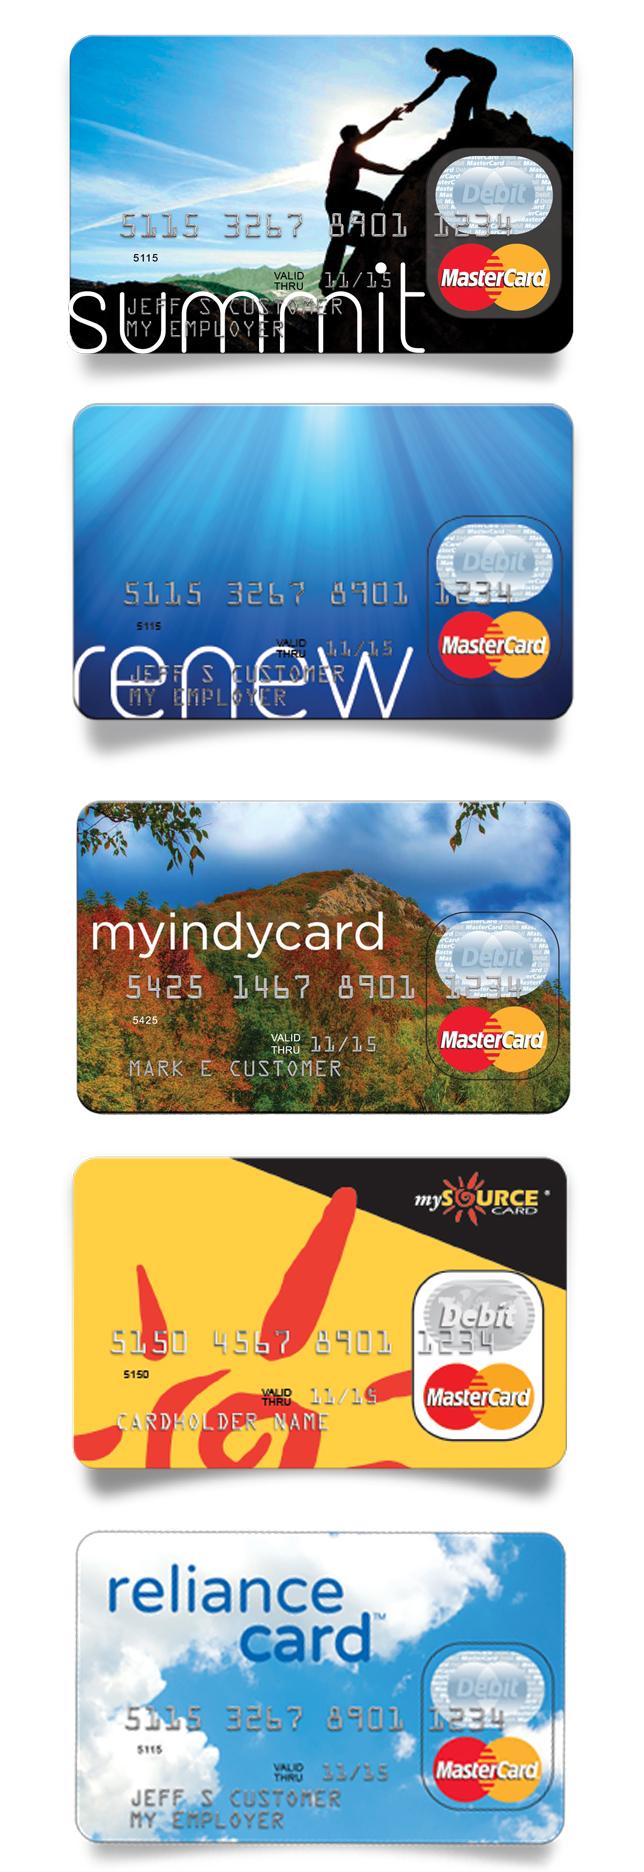 datapath_card_designs